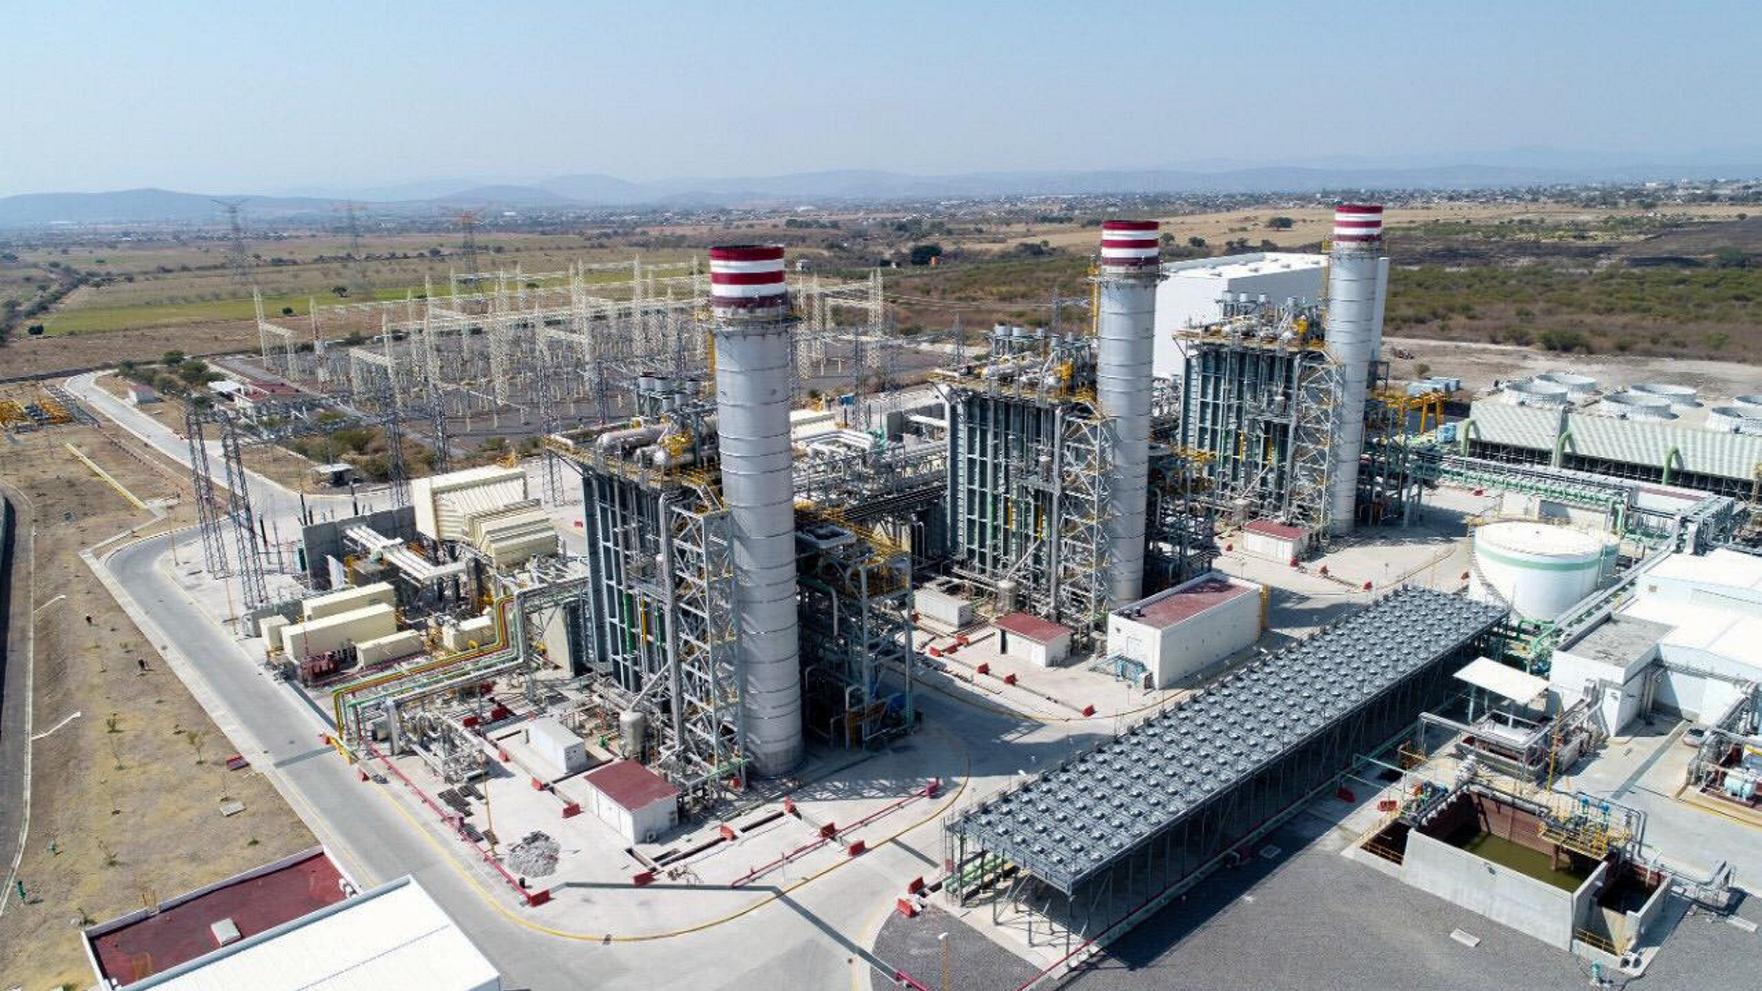 Inicia consulta ciudadana por termoeléctrica; hay protestas y quema de boletas